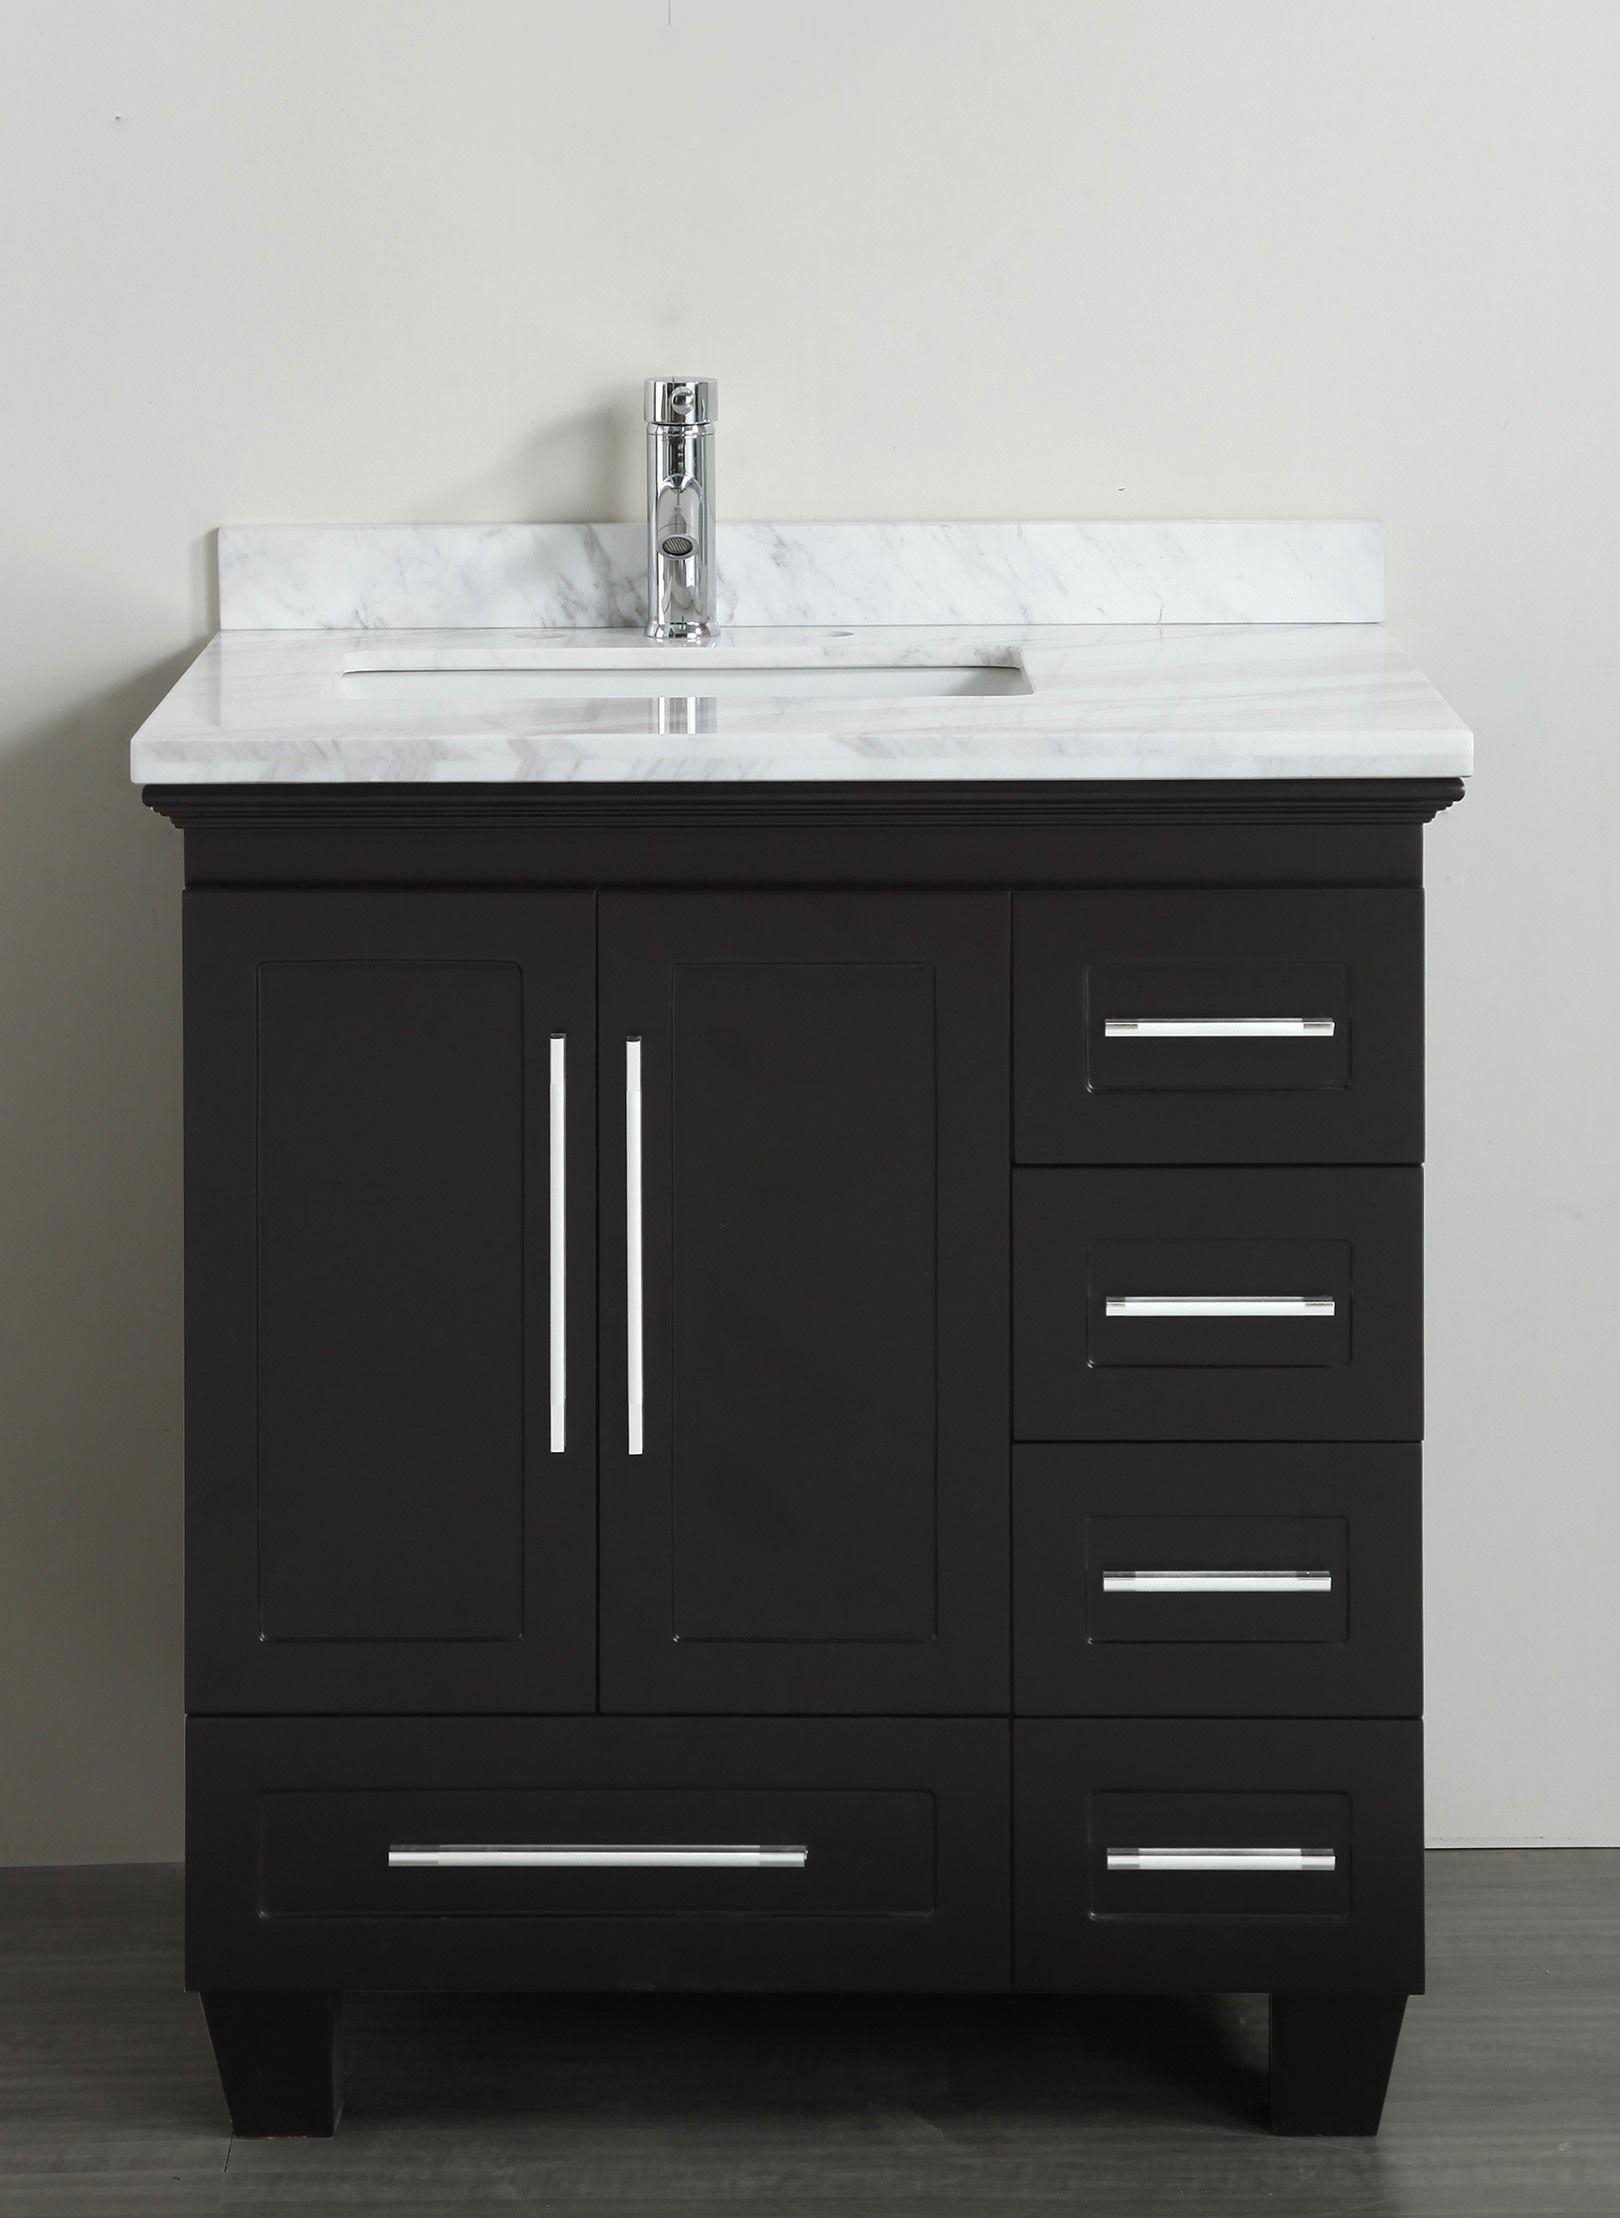 Accanto Contemporary 30 Inch Espresso Finish Bathroom Vanity Marble Top Topluxu 30 Inch Bathroom Vanity Modern Bathroom Vanity Single Bathroom Vanity